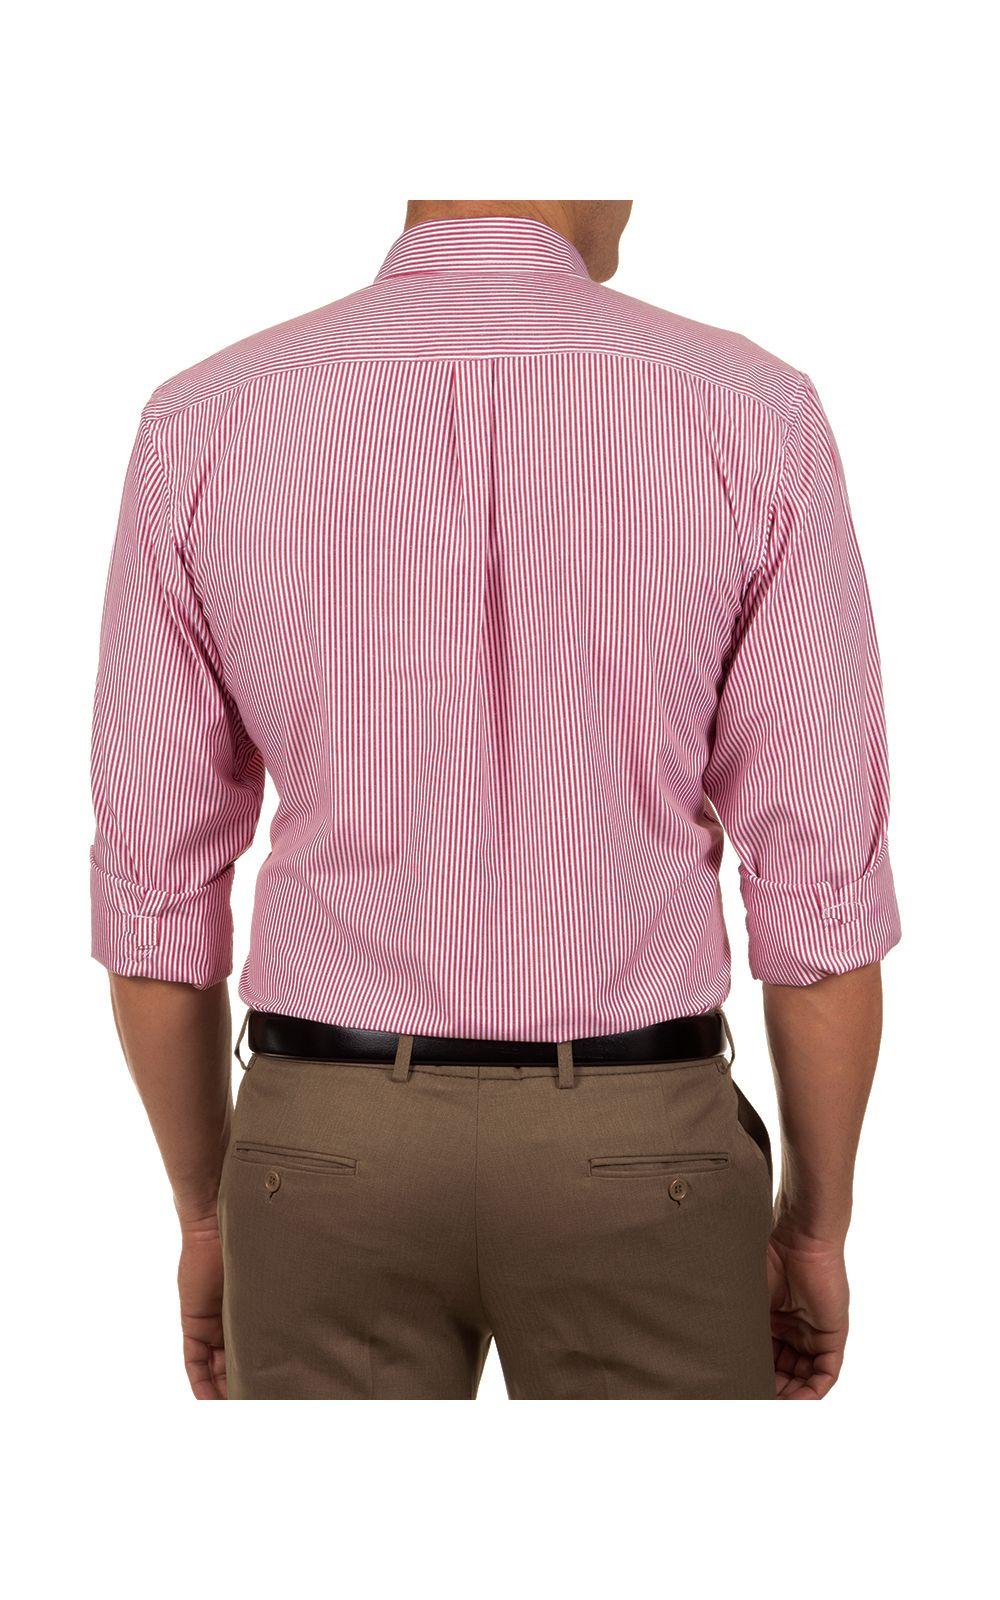 Foto 2 - Camisa Social Masculina Vermelho Listrada